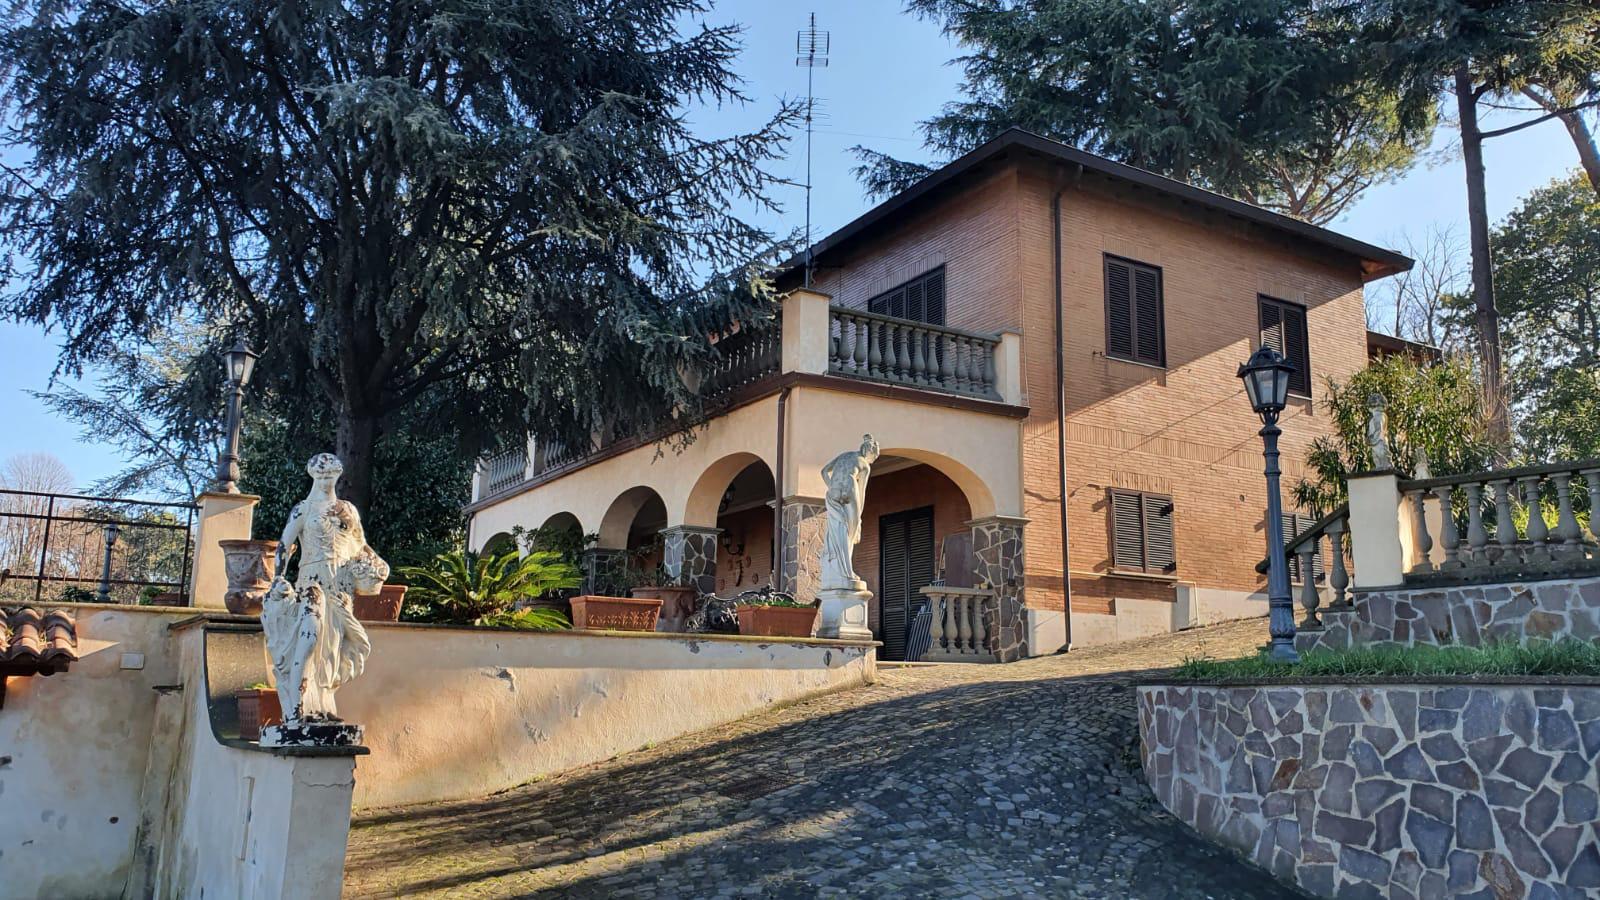 Monte Porzio Catone Villa Unifamiliare